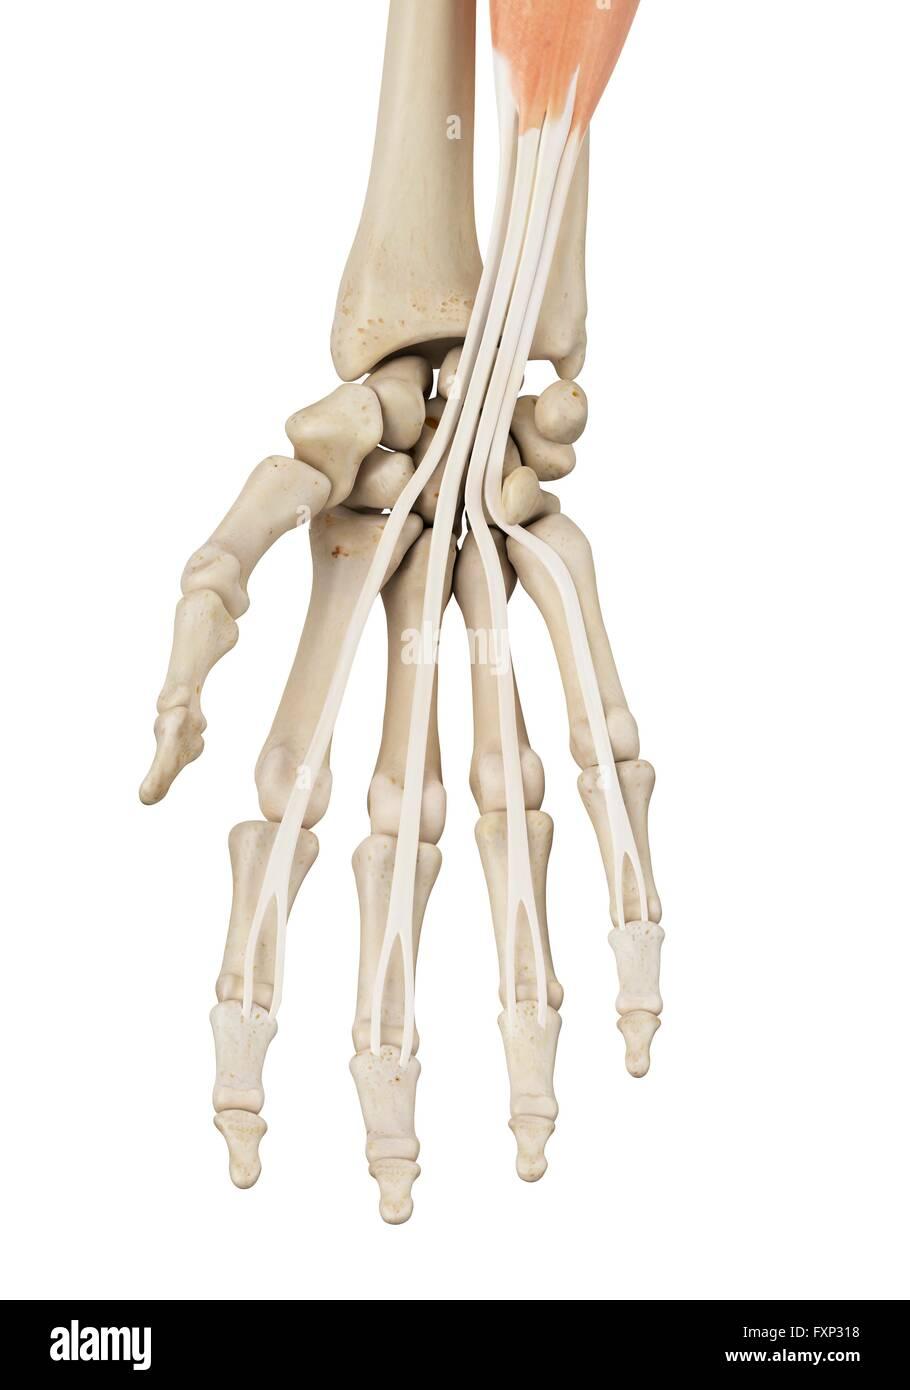 Menschliche Hand Anatomie, Computer Bild Stockfoto, Bild: 102518228 ...